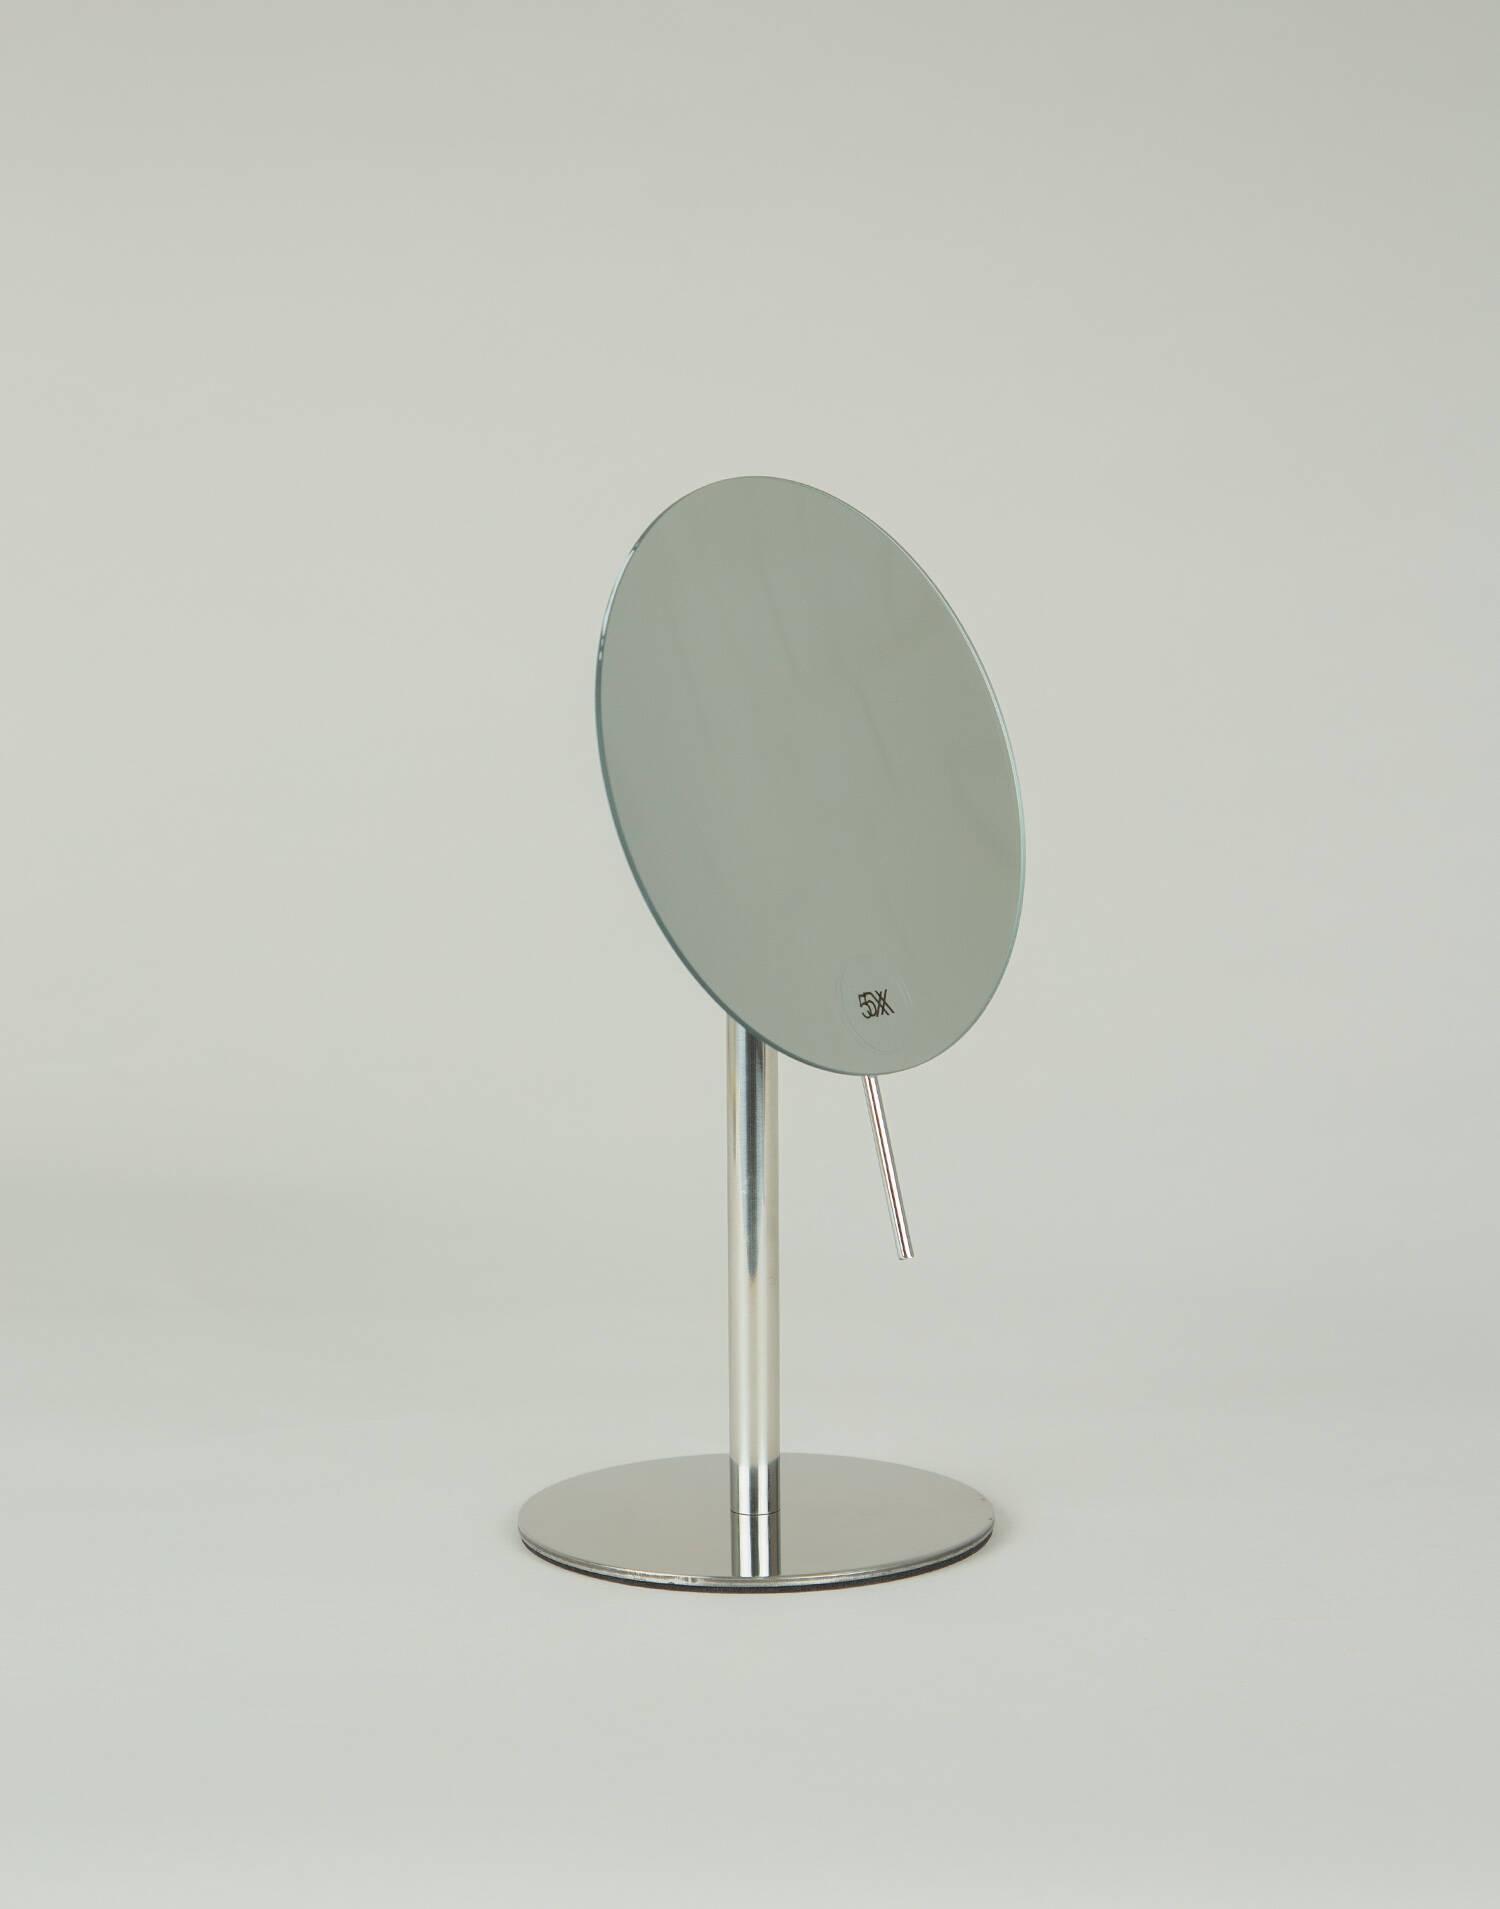 Adjustable base mirror